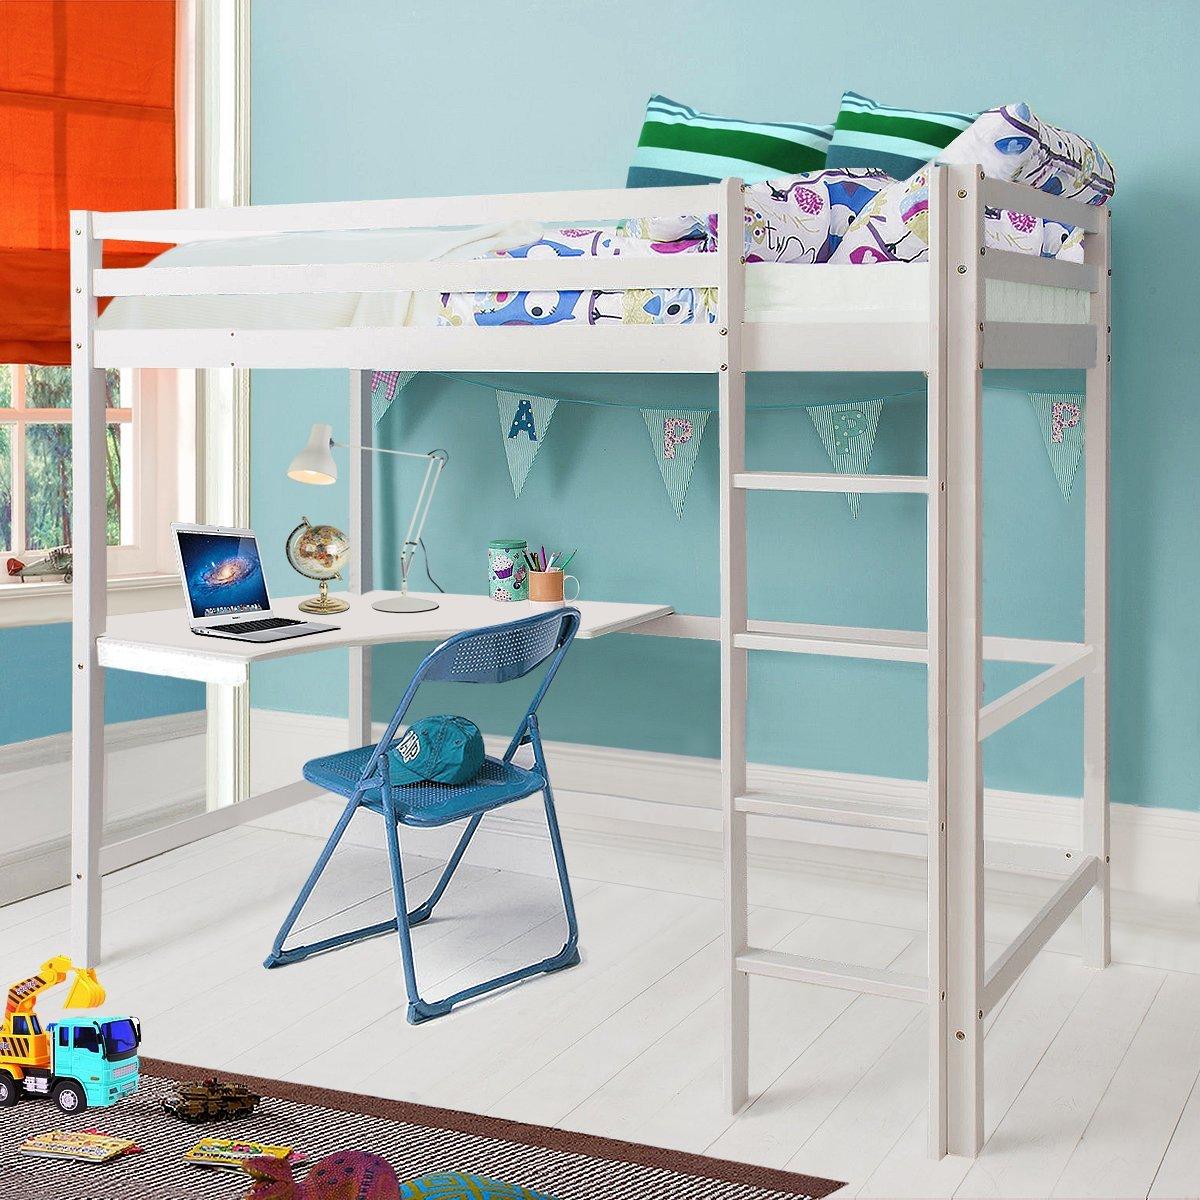 Full Size of Fds Hochbett Mit Schreibtisch Kinderzimmer Regale Regal Sofa Weiß Kinderzimmer Kinderzimmer Hochbett